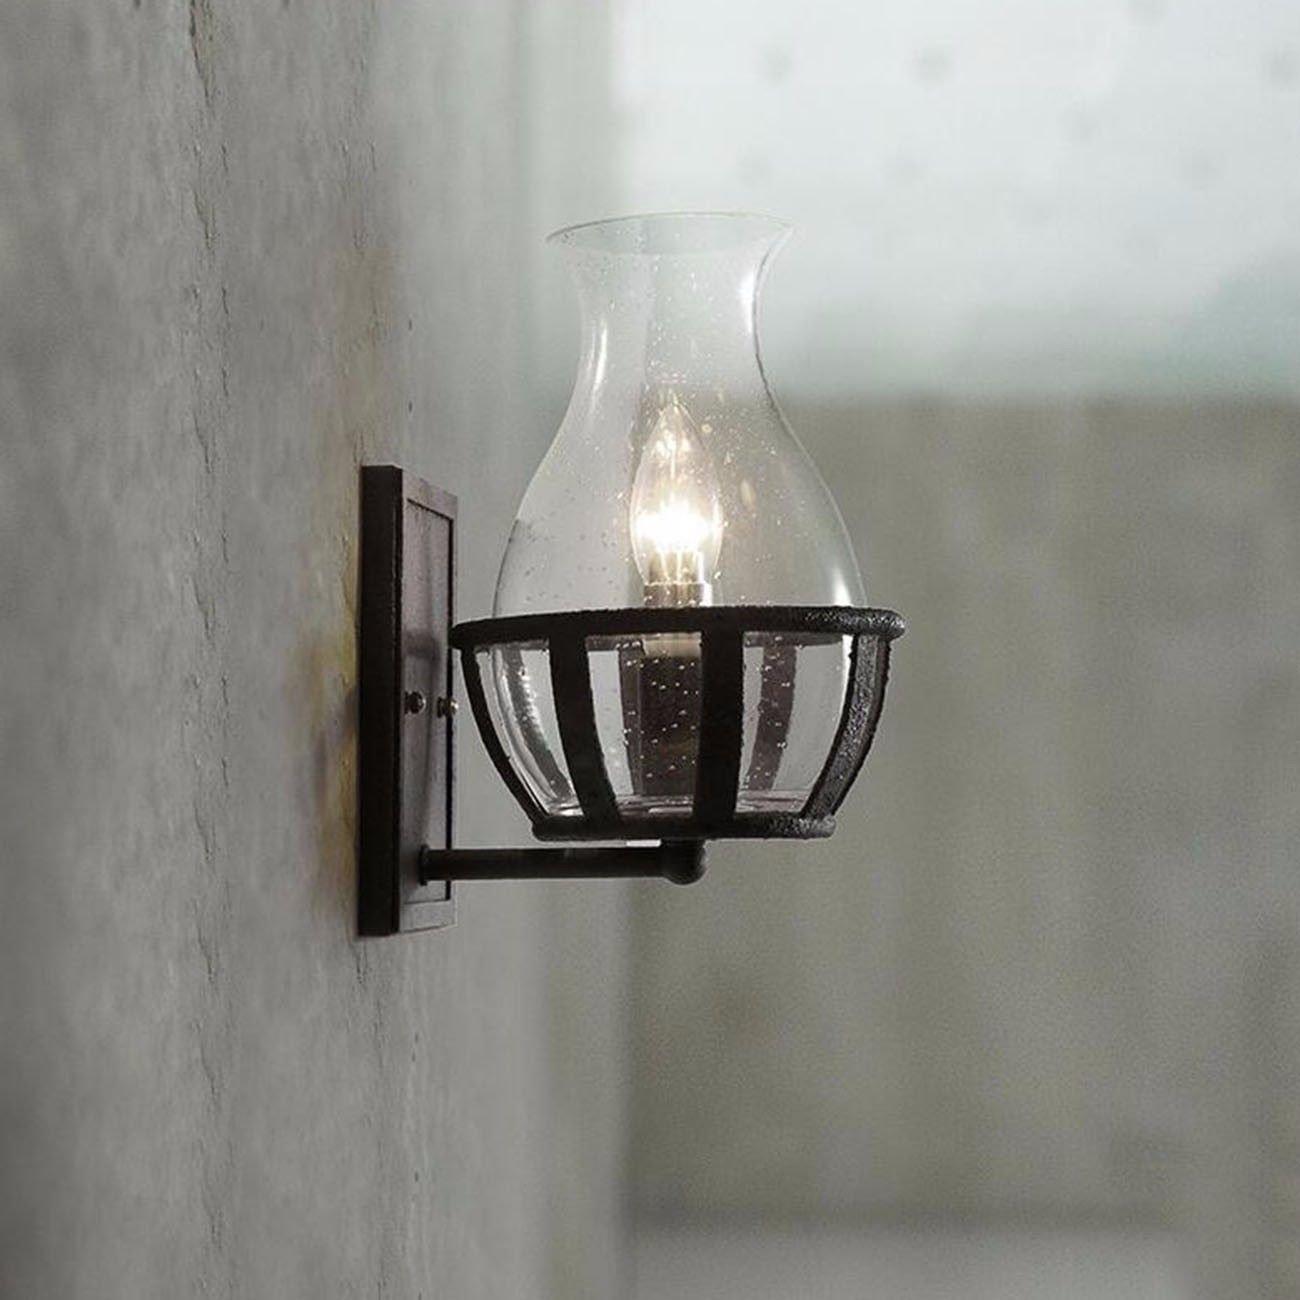 T-ZBDZ Nostalgische Glasweinflasche schmiedete Wandlampe industrielle Gartenaußenwandlampe, die Beleuchtung, weißes Licht modelliert